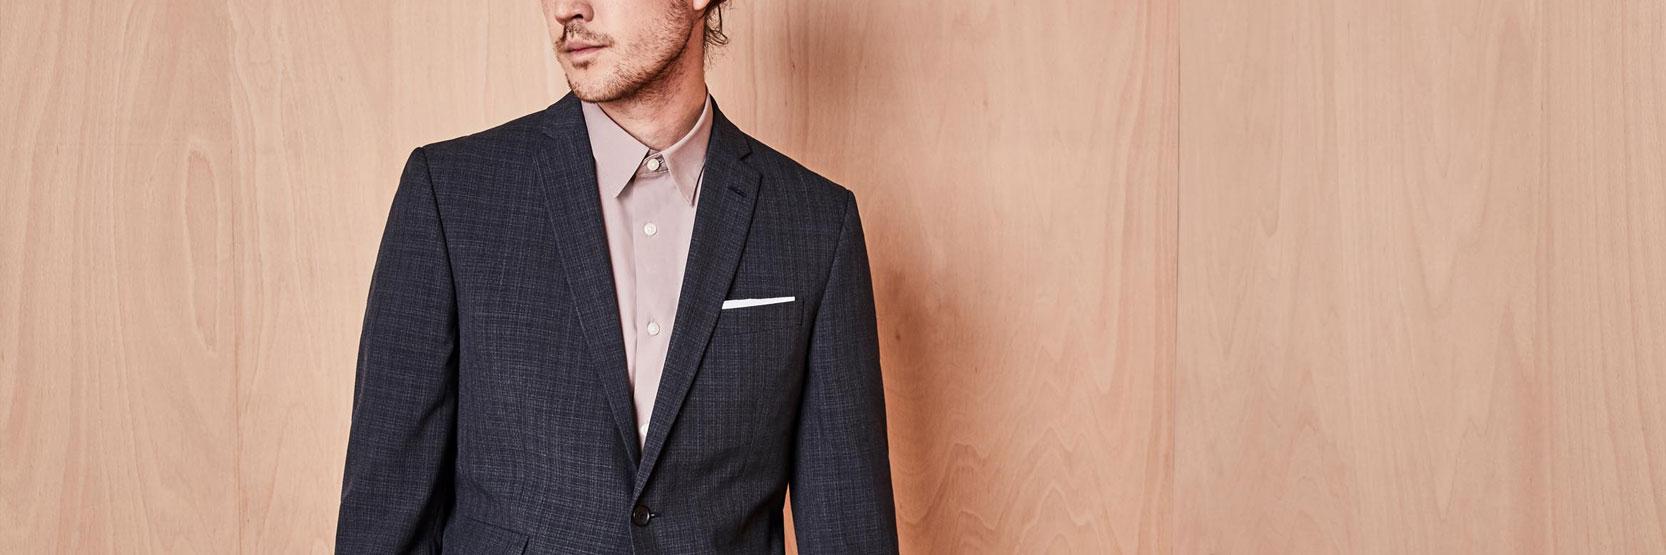 قواعد ارتداء البدلة بدون ربطة عنق